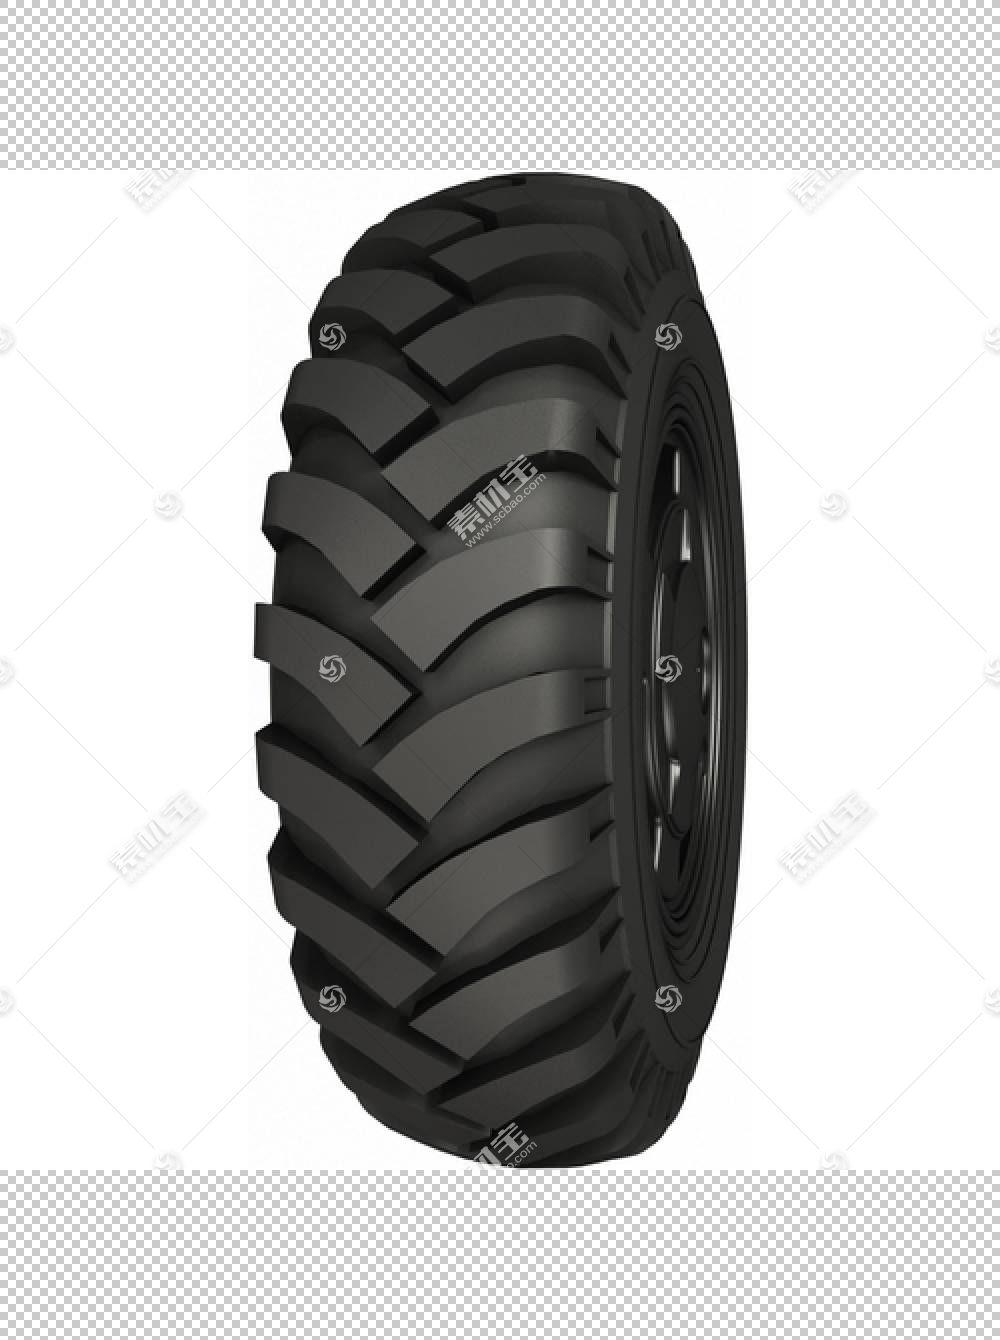 轮胎汽车天然橡胶合成橡胶Artikel,轮胎PNG剪贴画服务,汽车,运输,